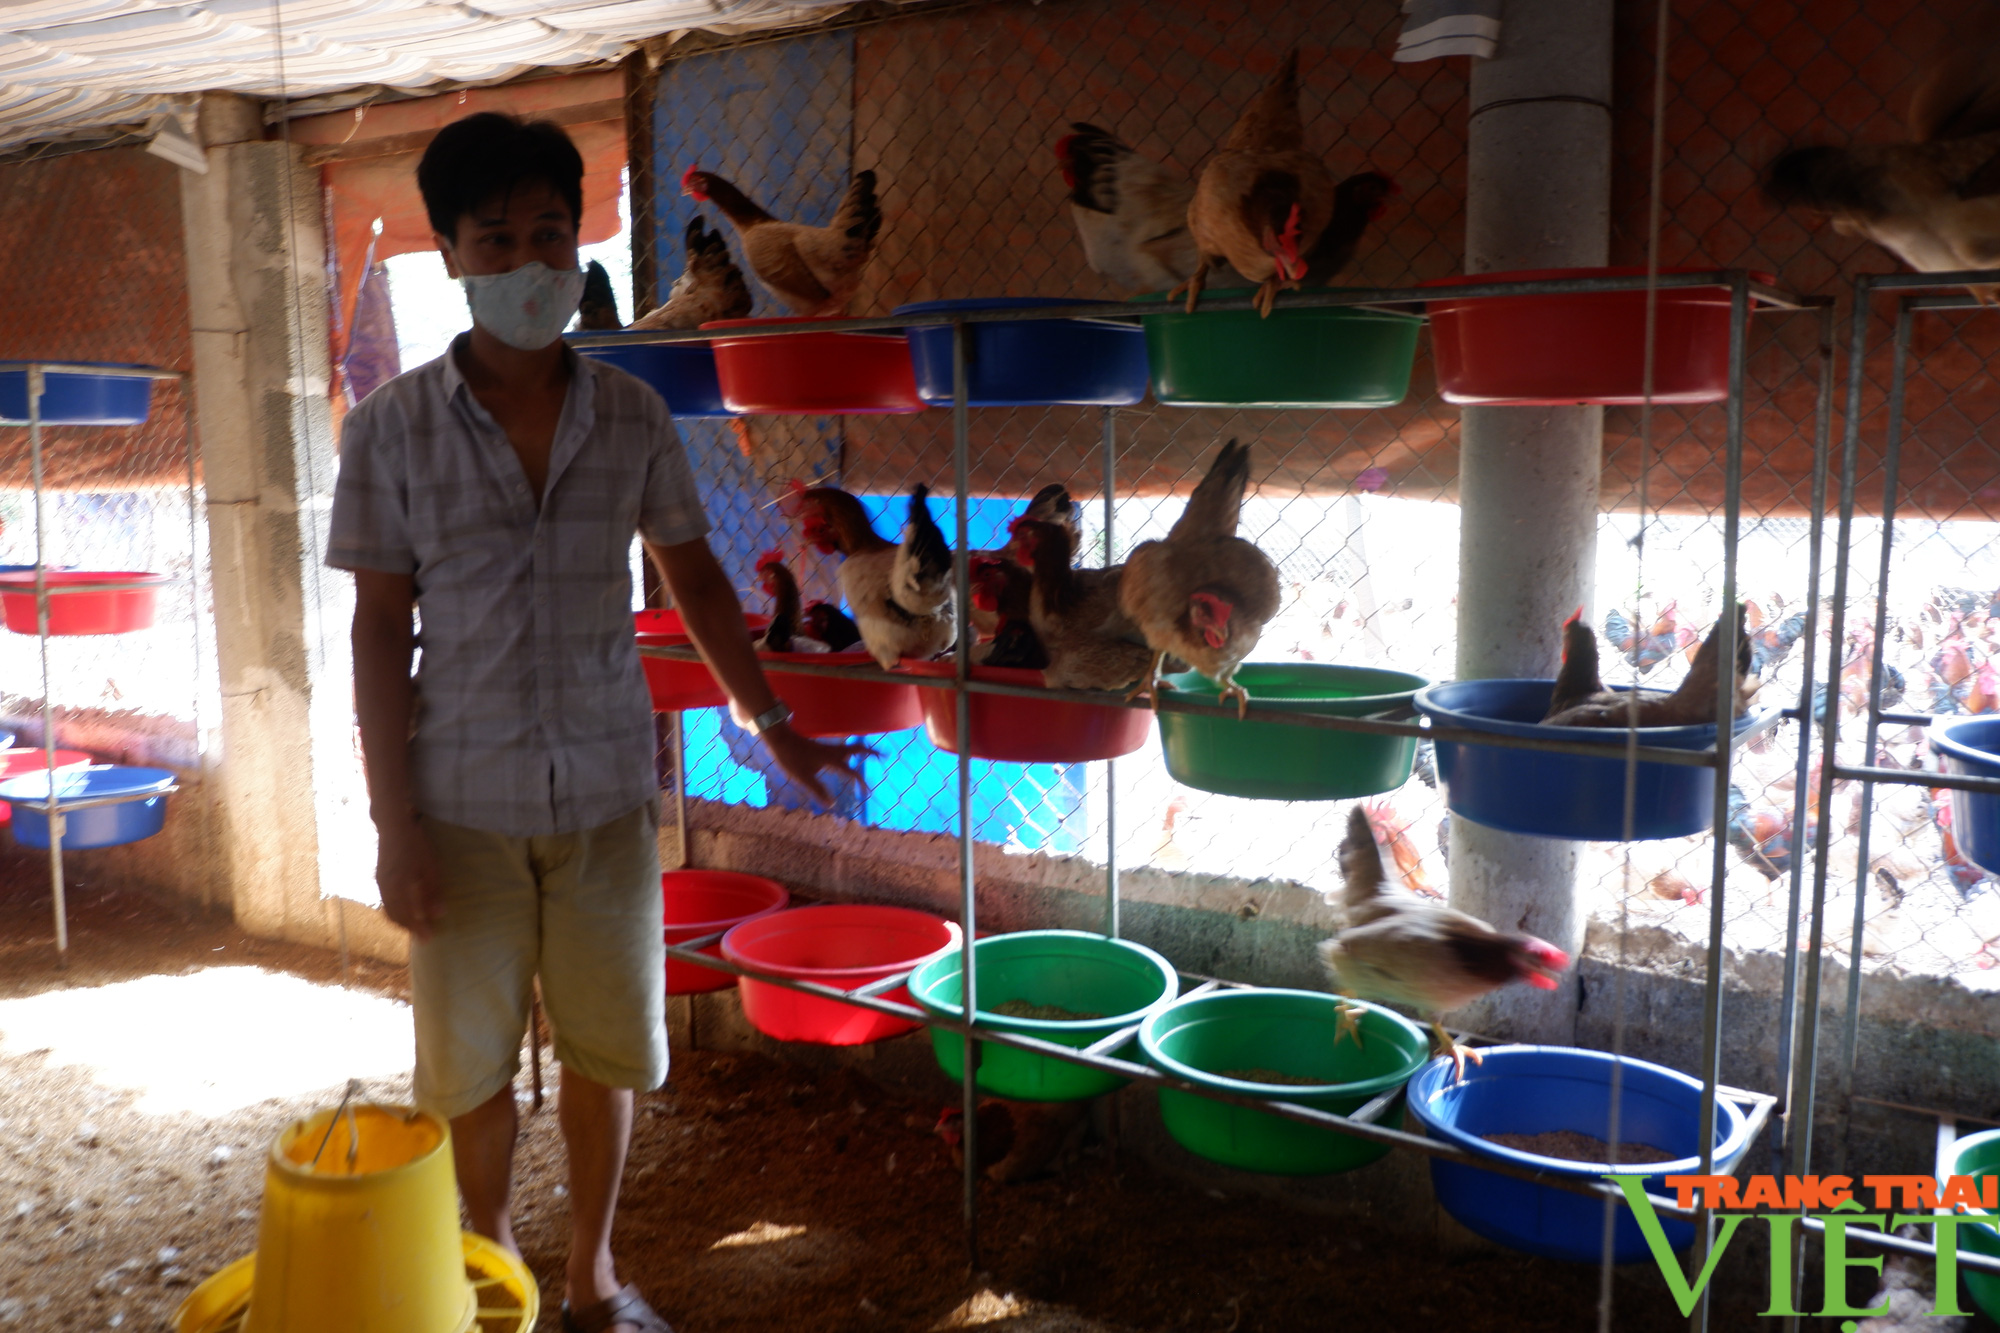 """Hòa Bình: Đệm lót sinh học là """"bí kíp"""" giúp nông dân chăn nuôi gà an toàn, thu tiền tỷ mỗi năm - Ảnh 3."""